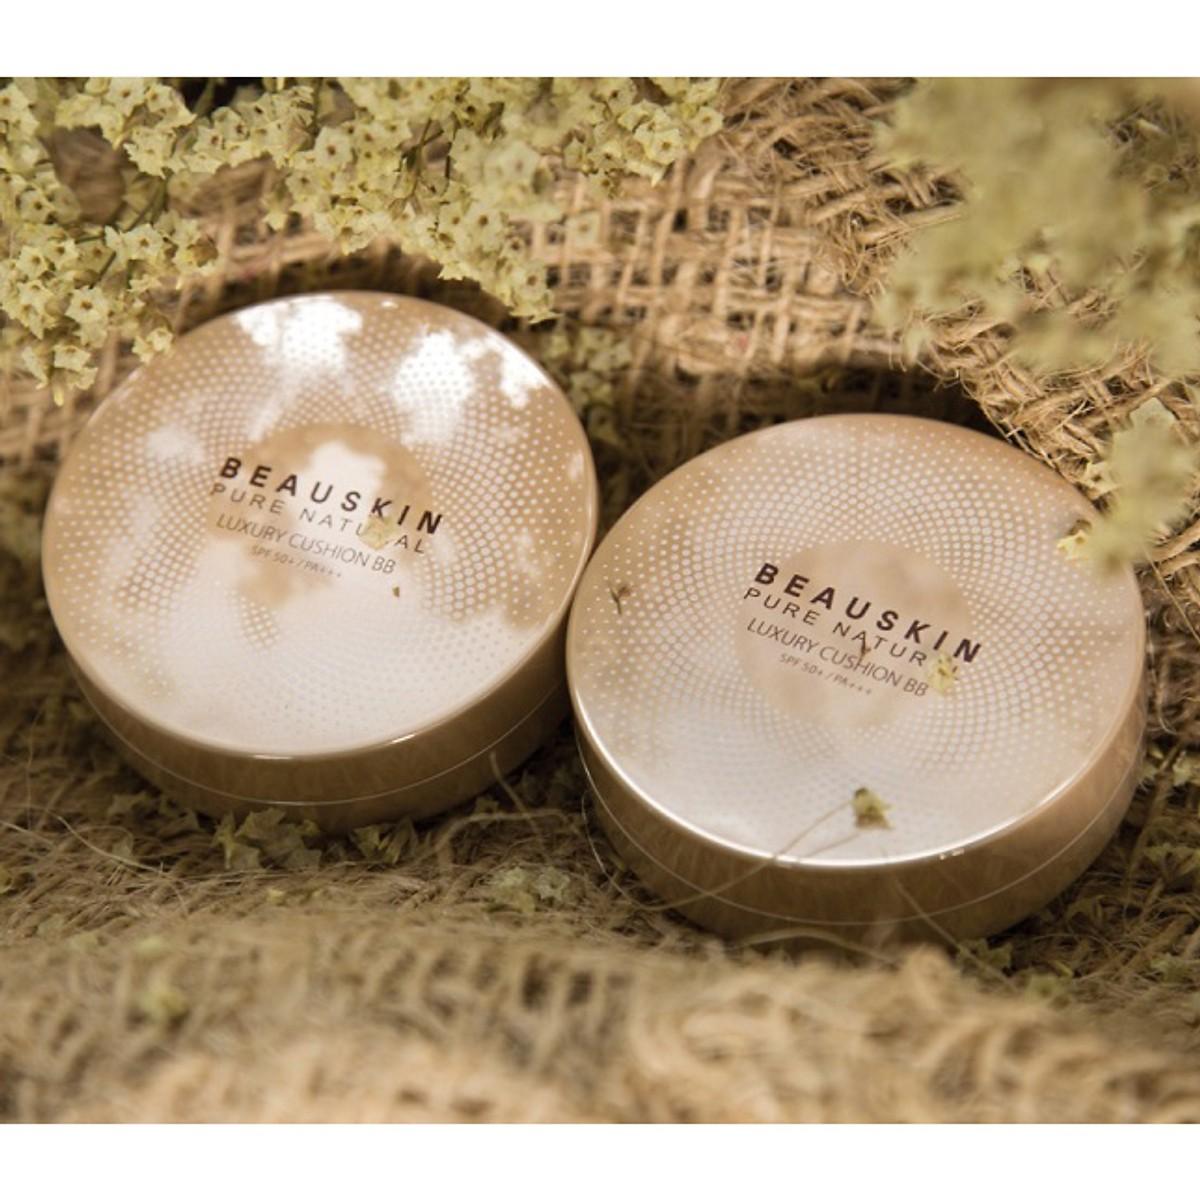 Phấn nước mỏng mịn, che phủ tốt Beauskin Luxury Cushion Hàn Quốc 2x11g (Thêm lõi) tặng kèm móc khóa cute